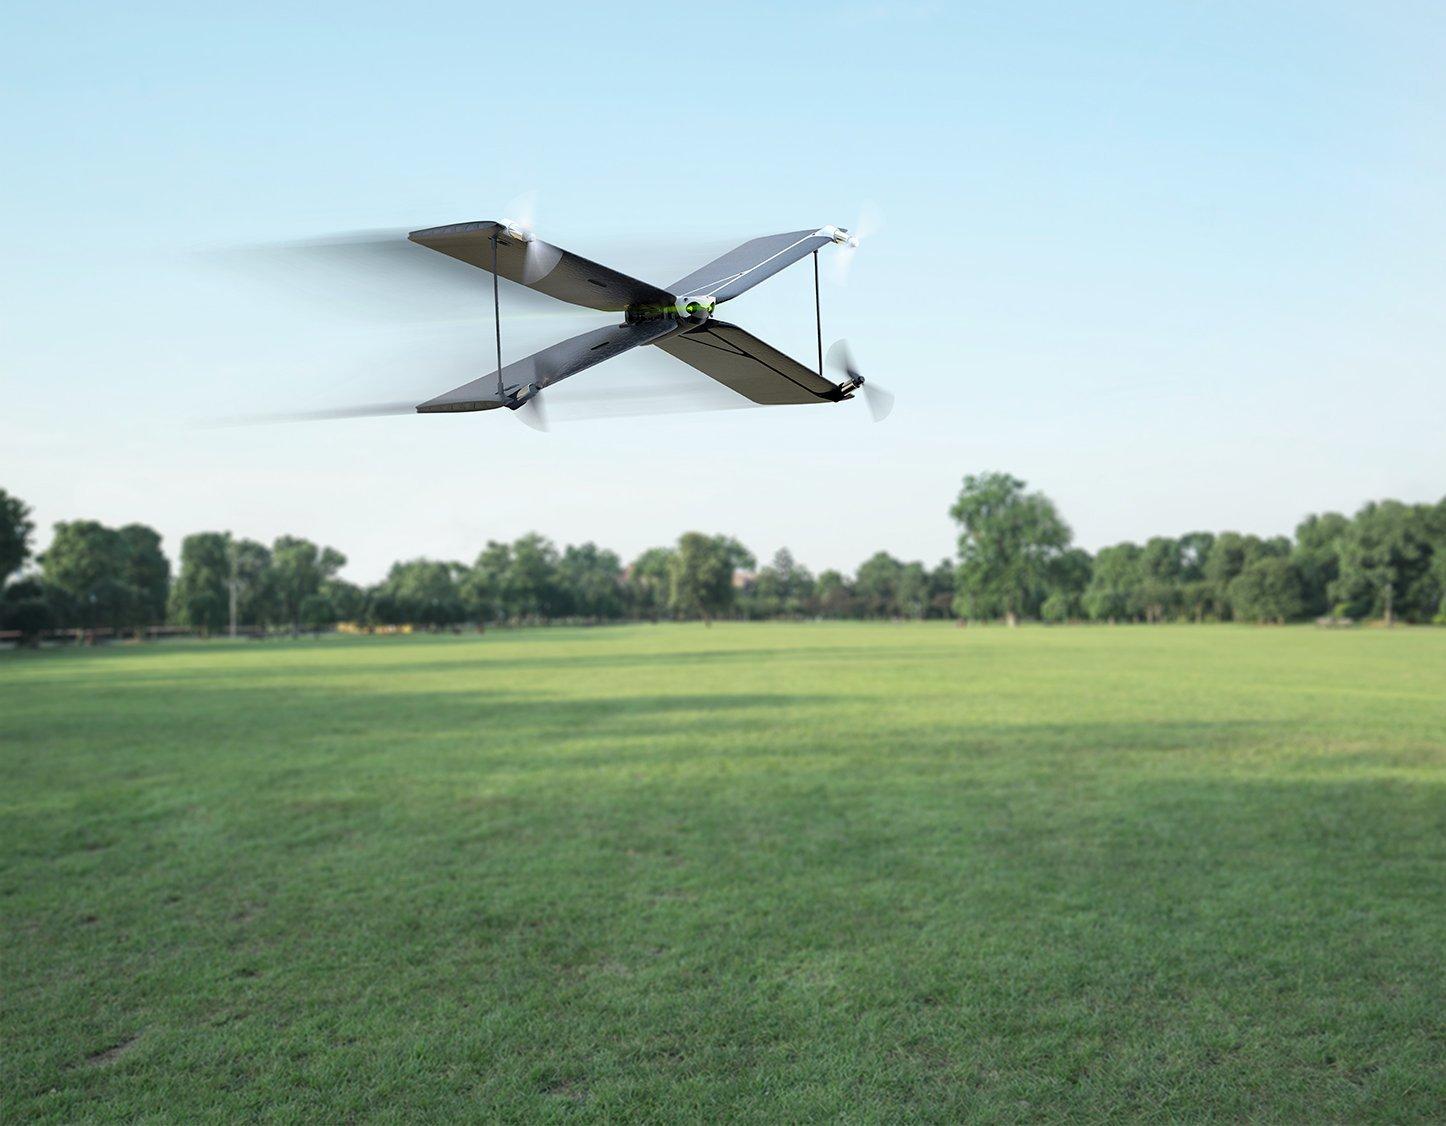 parrot_swing_drone_3